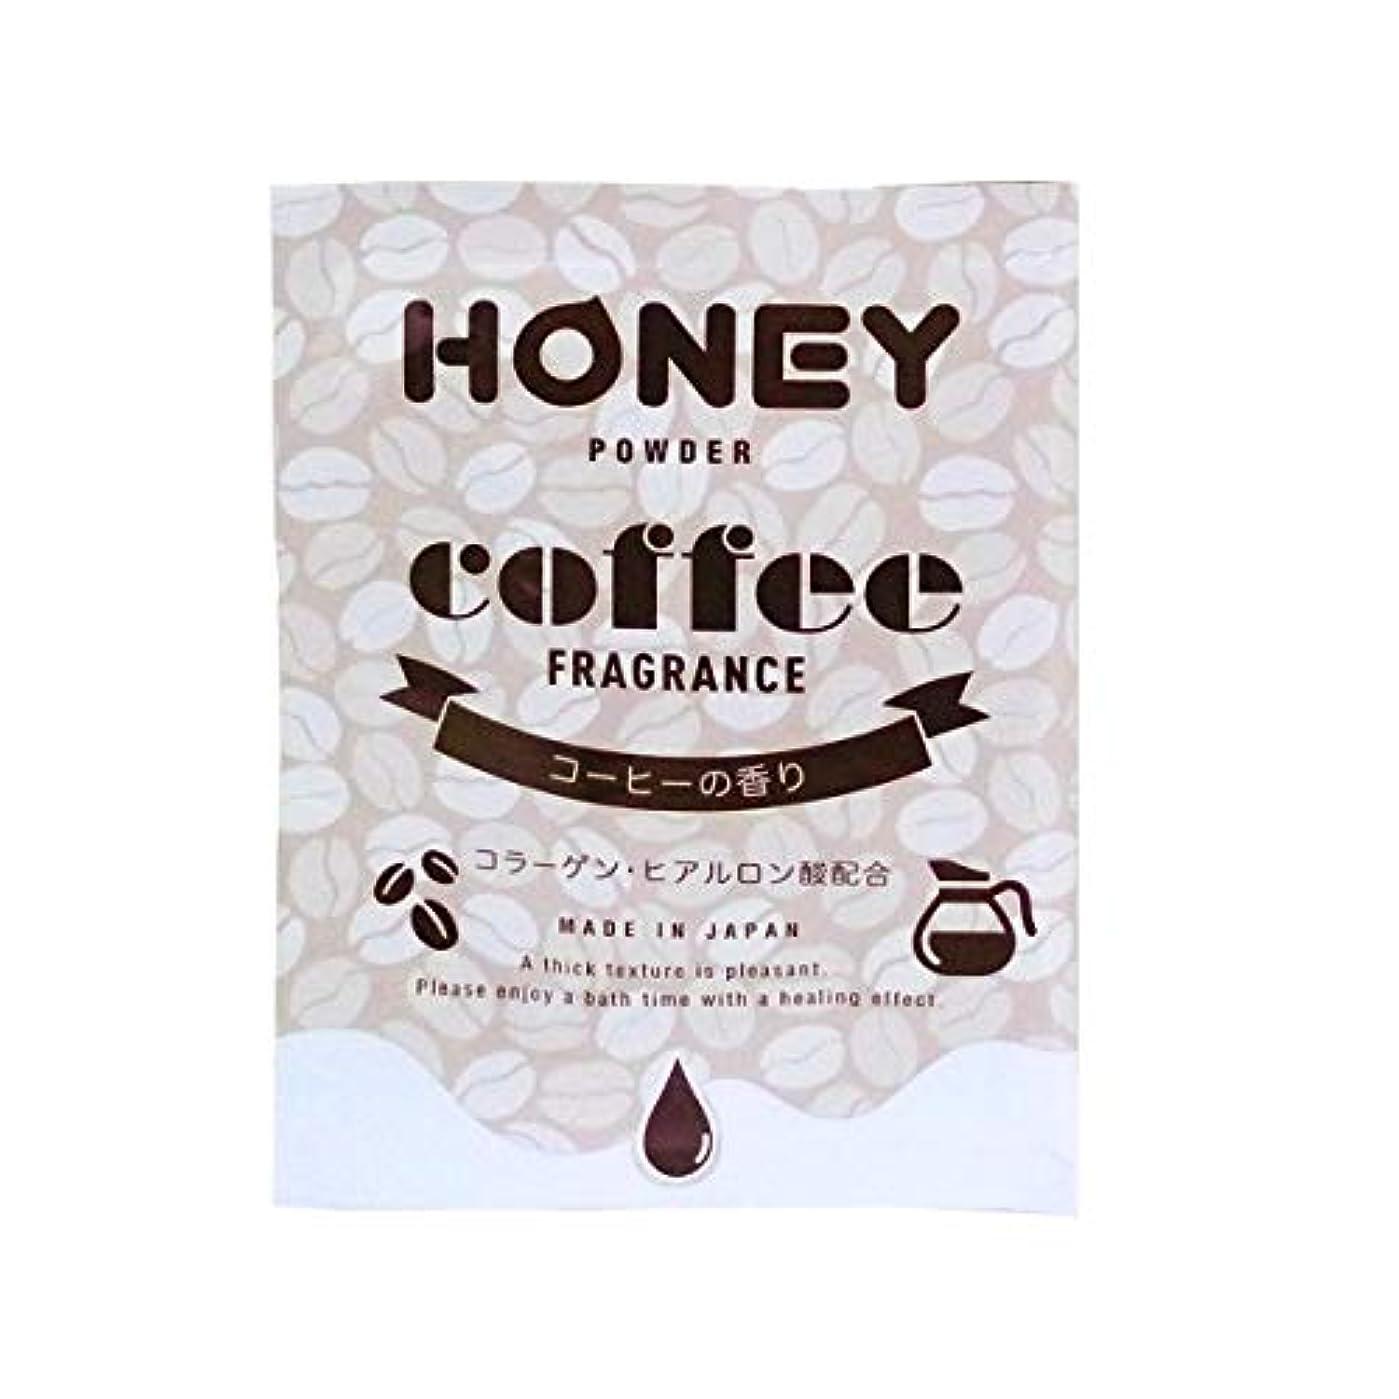 もっと未知の哲学博士とろとろ入浴剤【honey powder】(ハニーパウダー) コーヒーの香り 粉末タイプ ローション